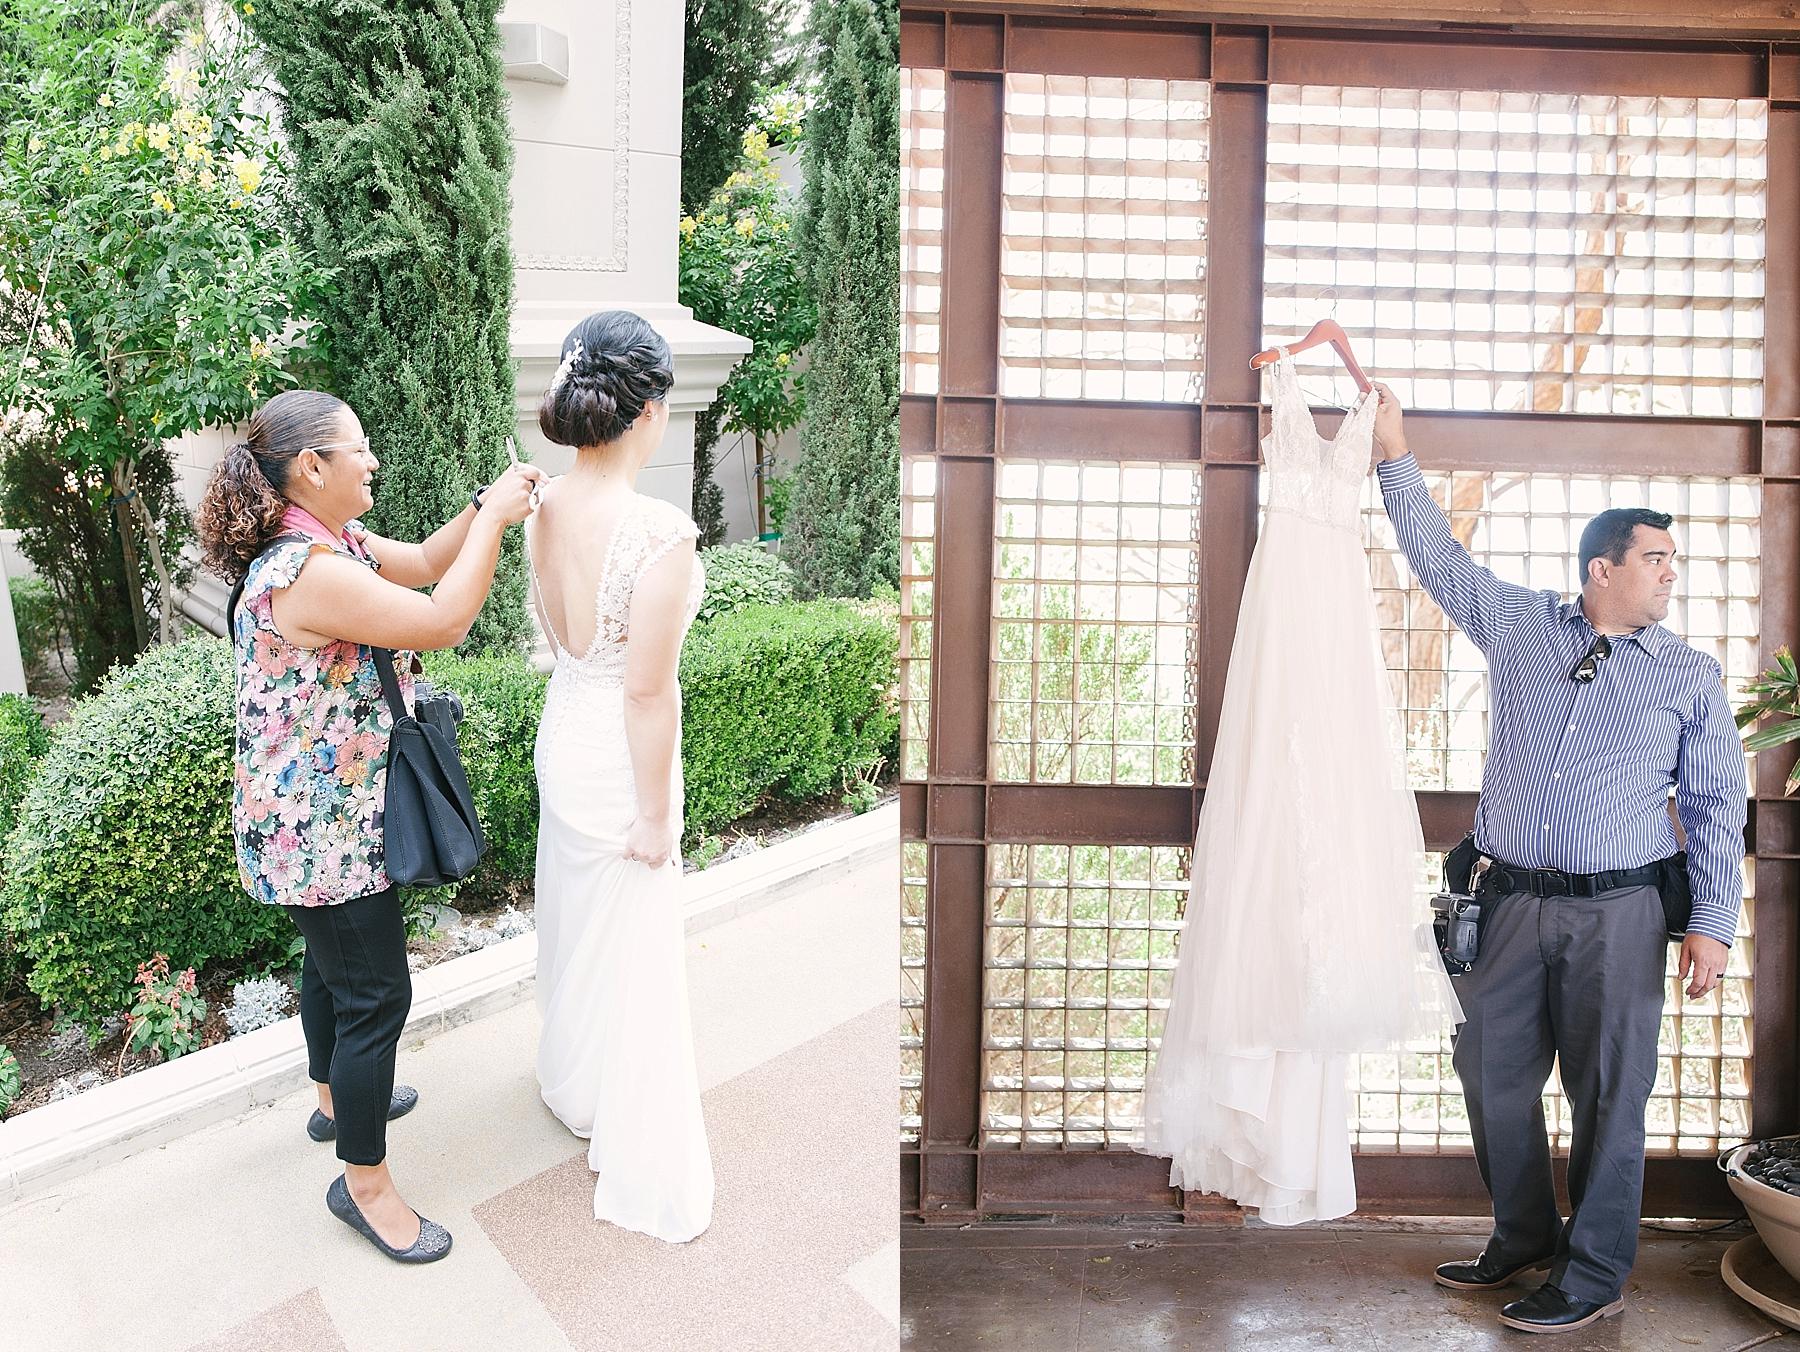 las_vegas_wedding_photographers_behind_the_scenes-01-9.jpg